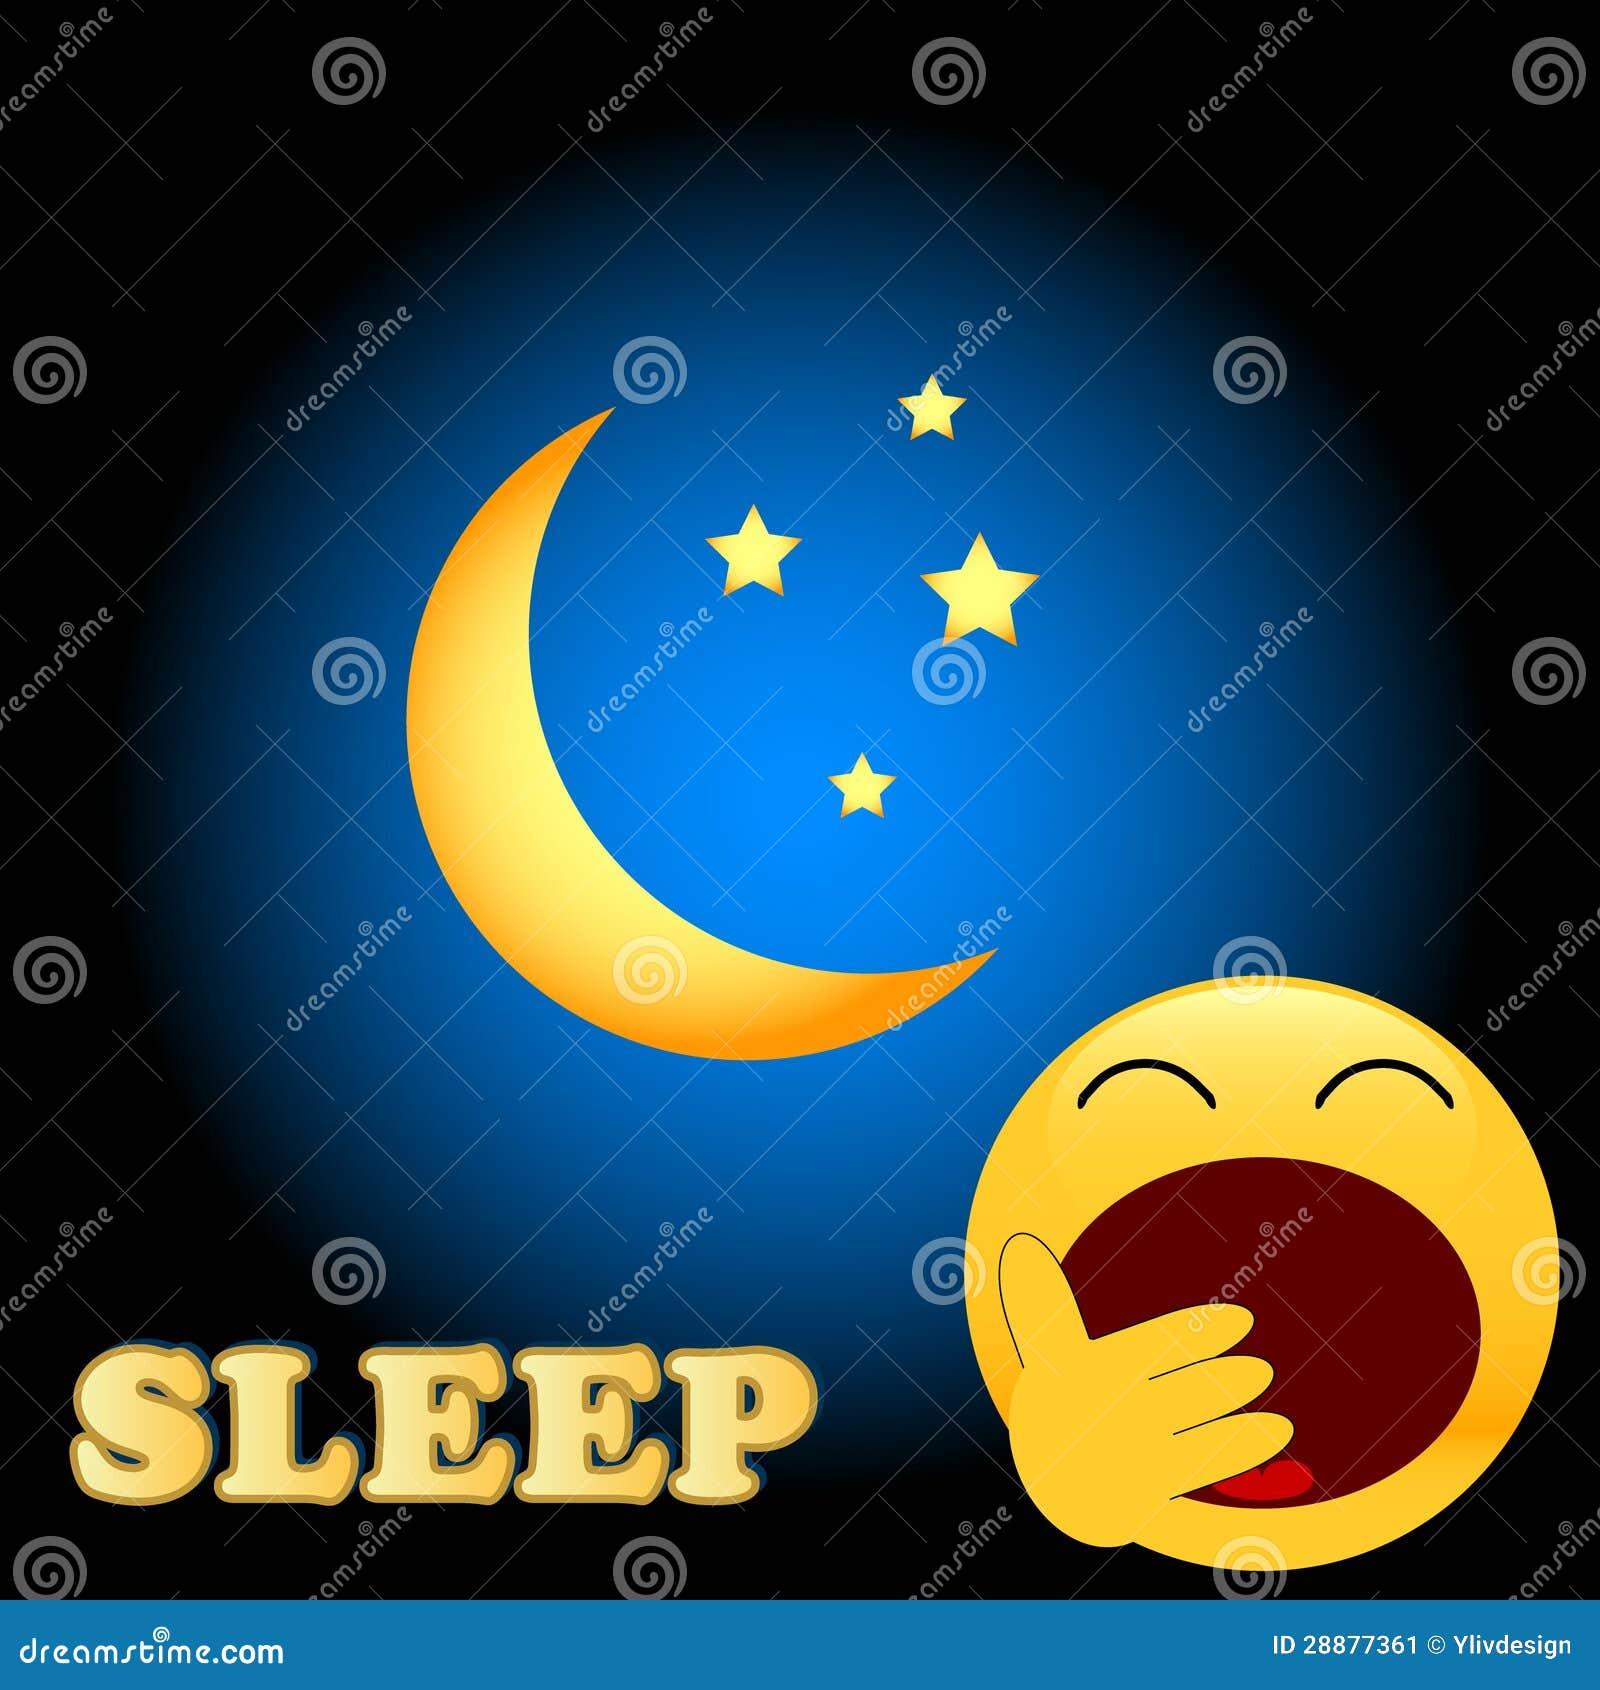 Sleep Symbol